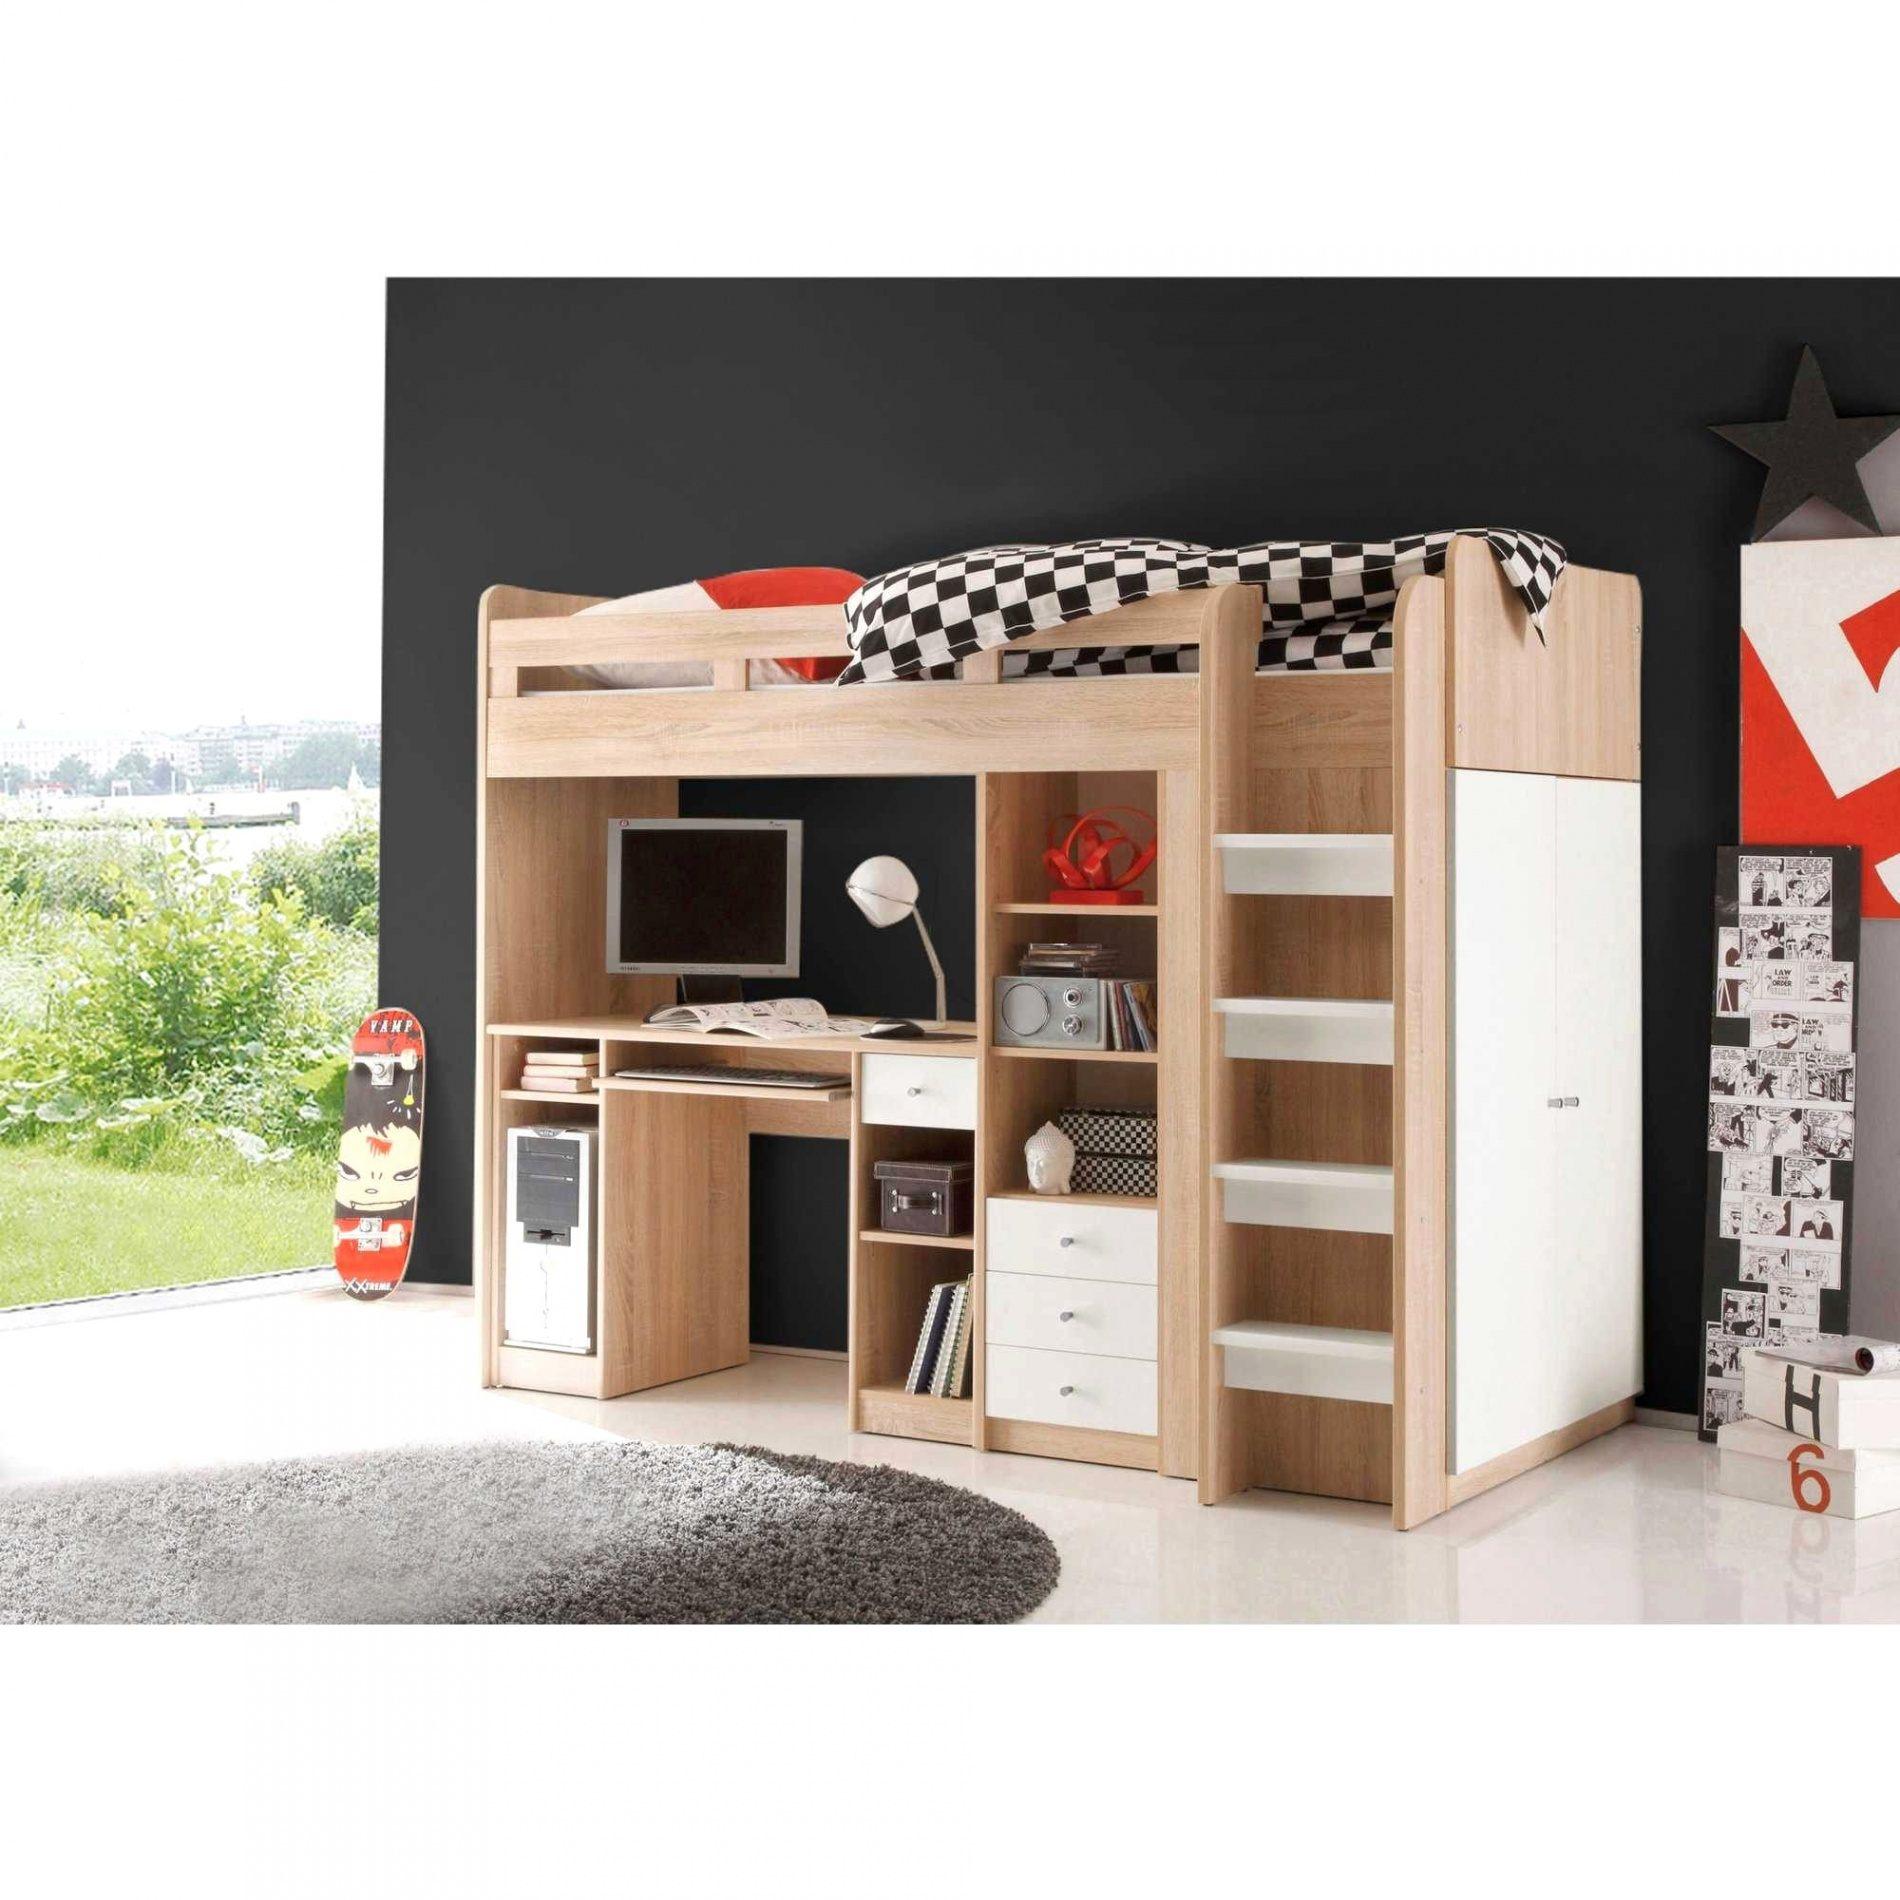 Lit Mezzanine Ado Ikea Frais Lit Ado 2 Places — Laguerredesmots